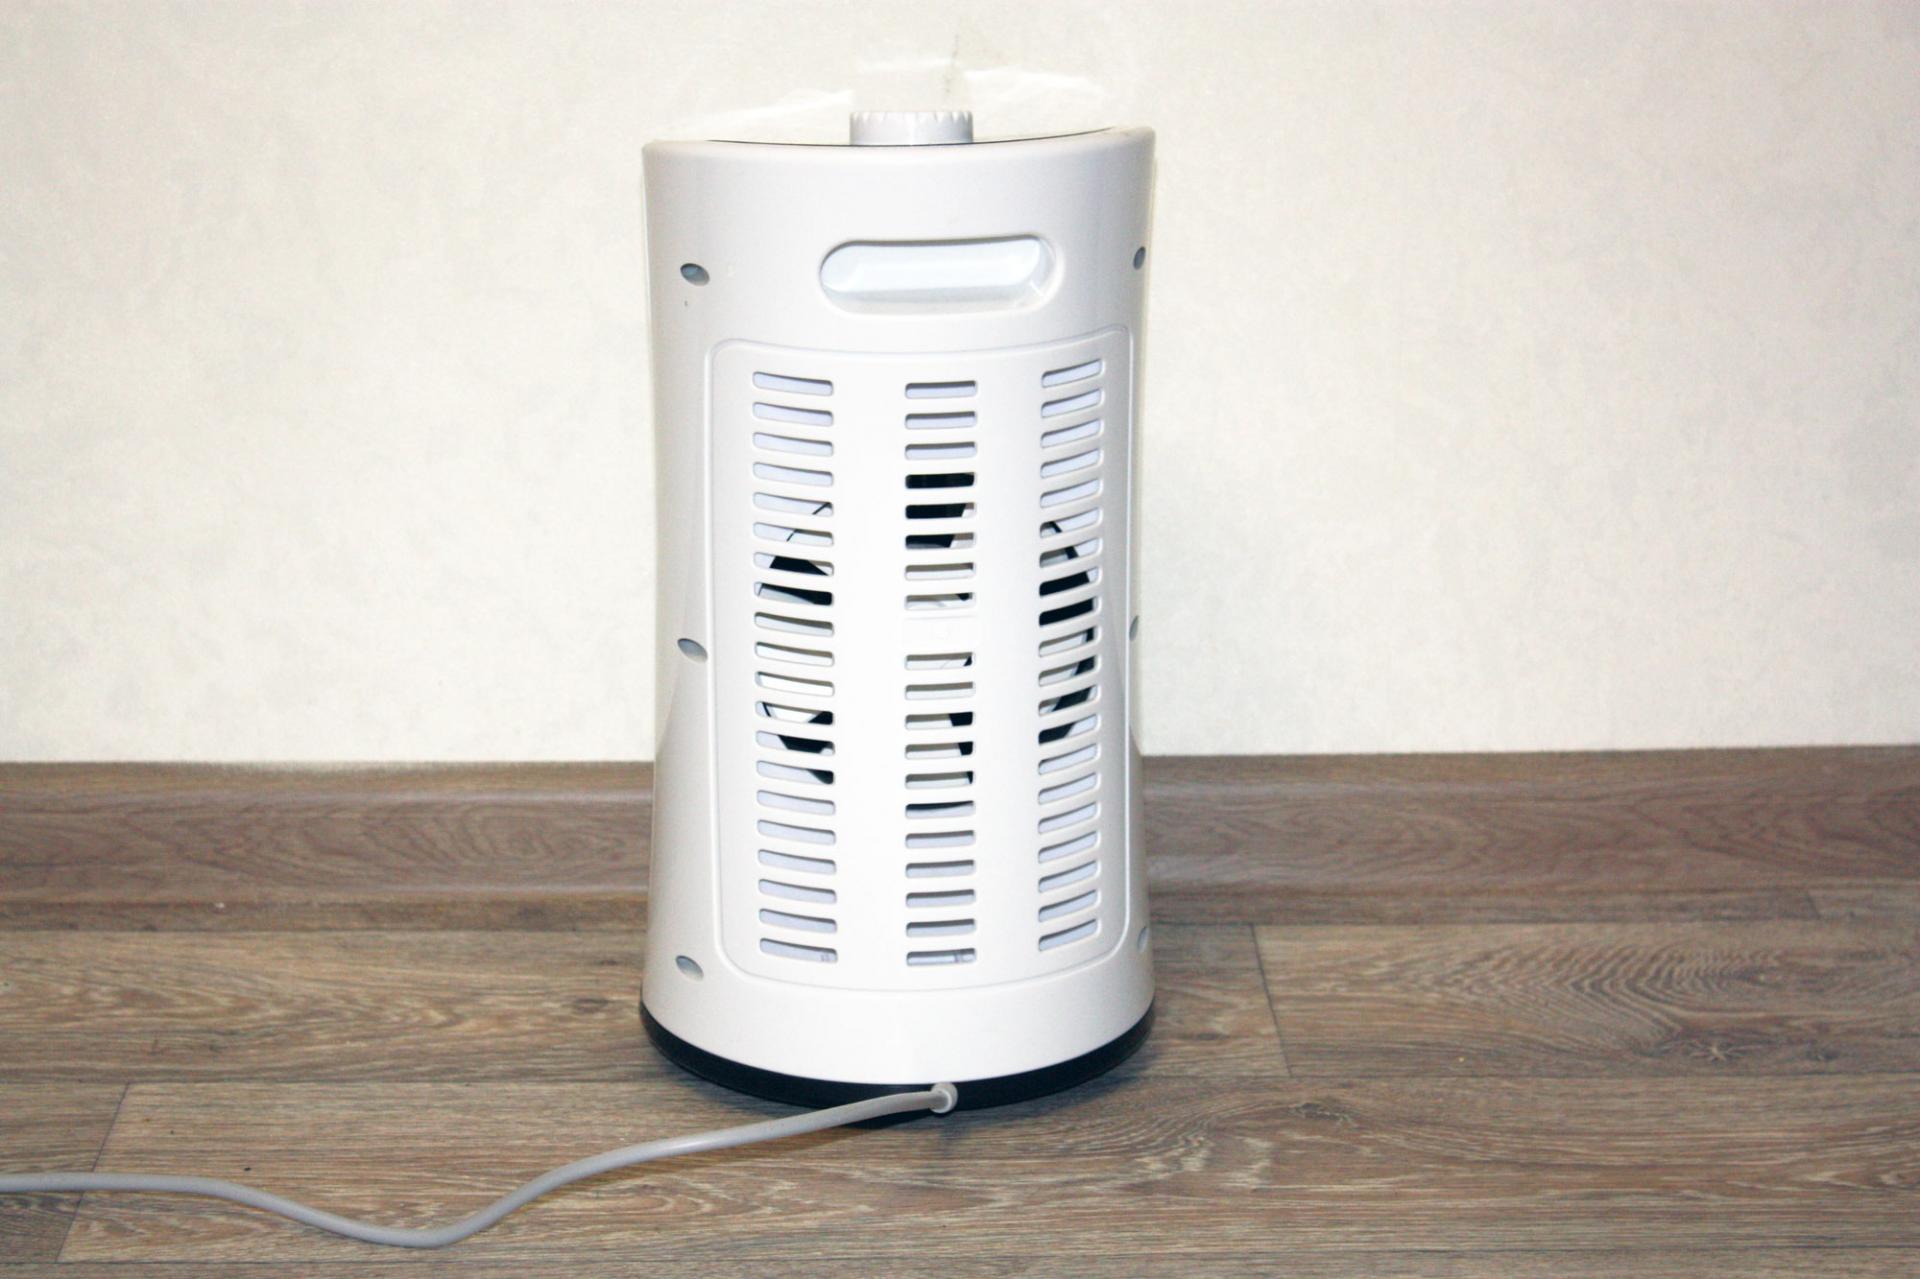 Онреально хорошо греет – обзор тепловентилятора Ballu BFHF-3715M для дома